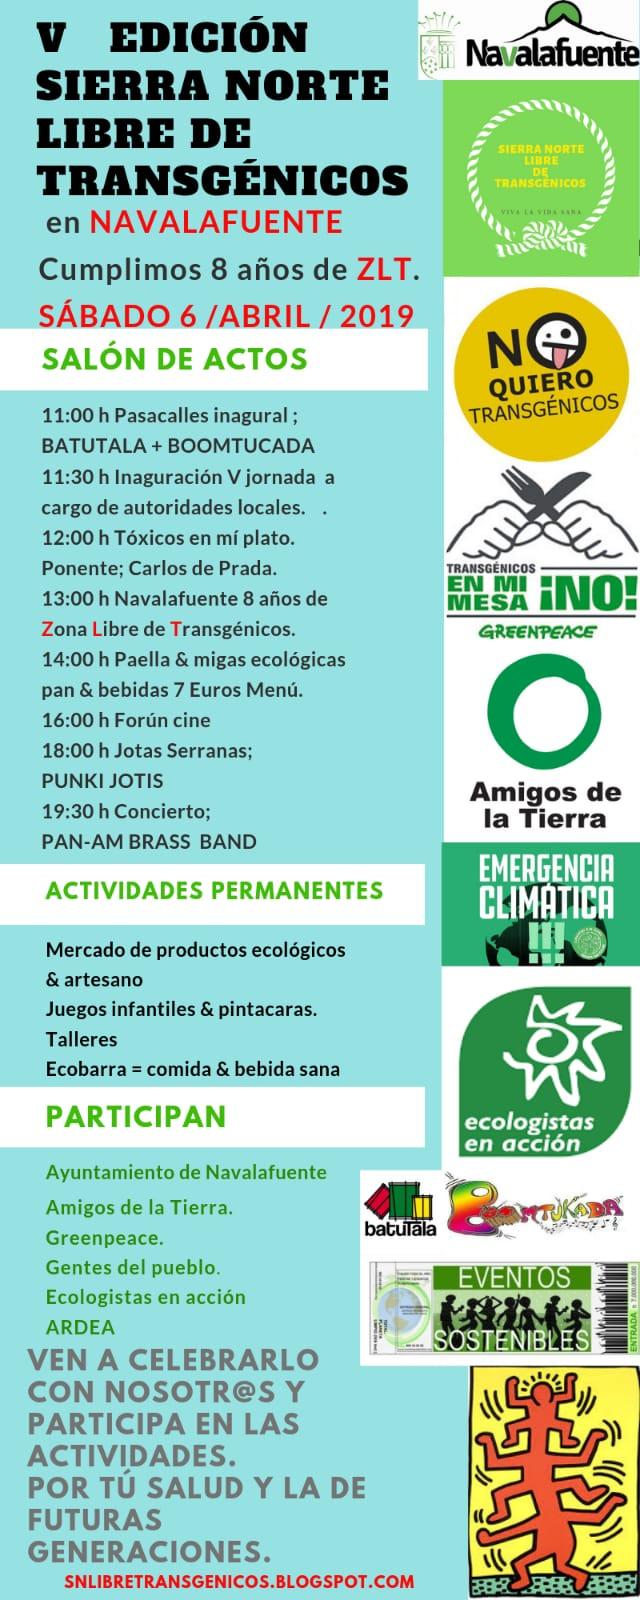 Ir a Madrid: V Fiesta de la Sierra Norte Libre de Transgénicos (Navalafuente)